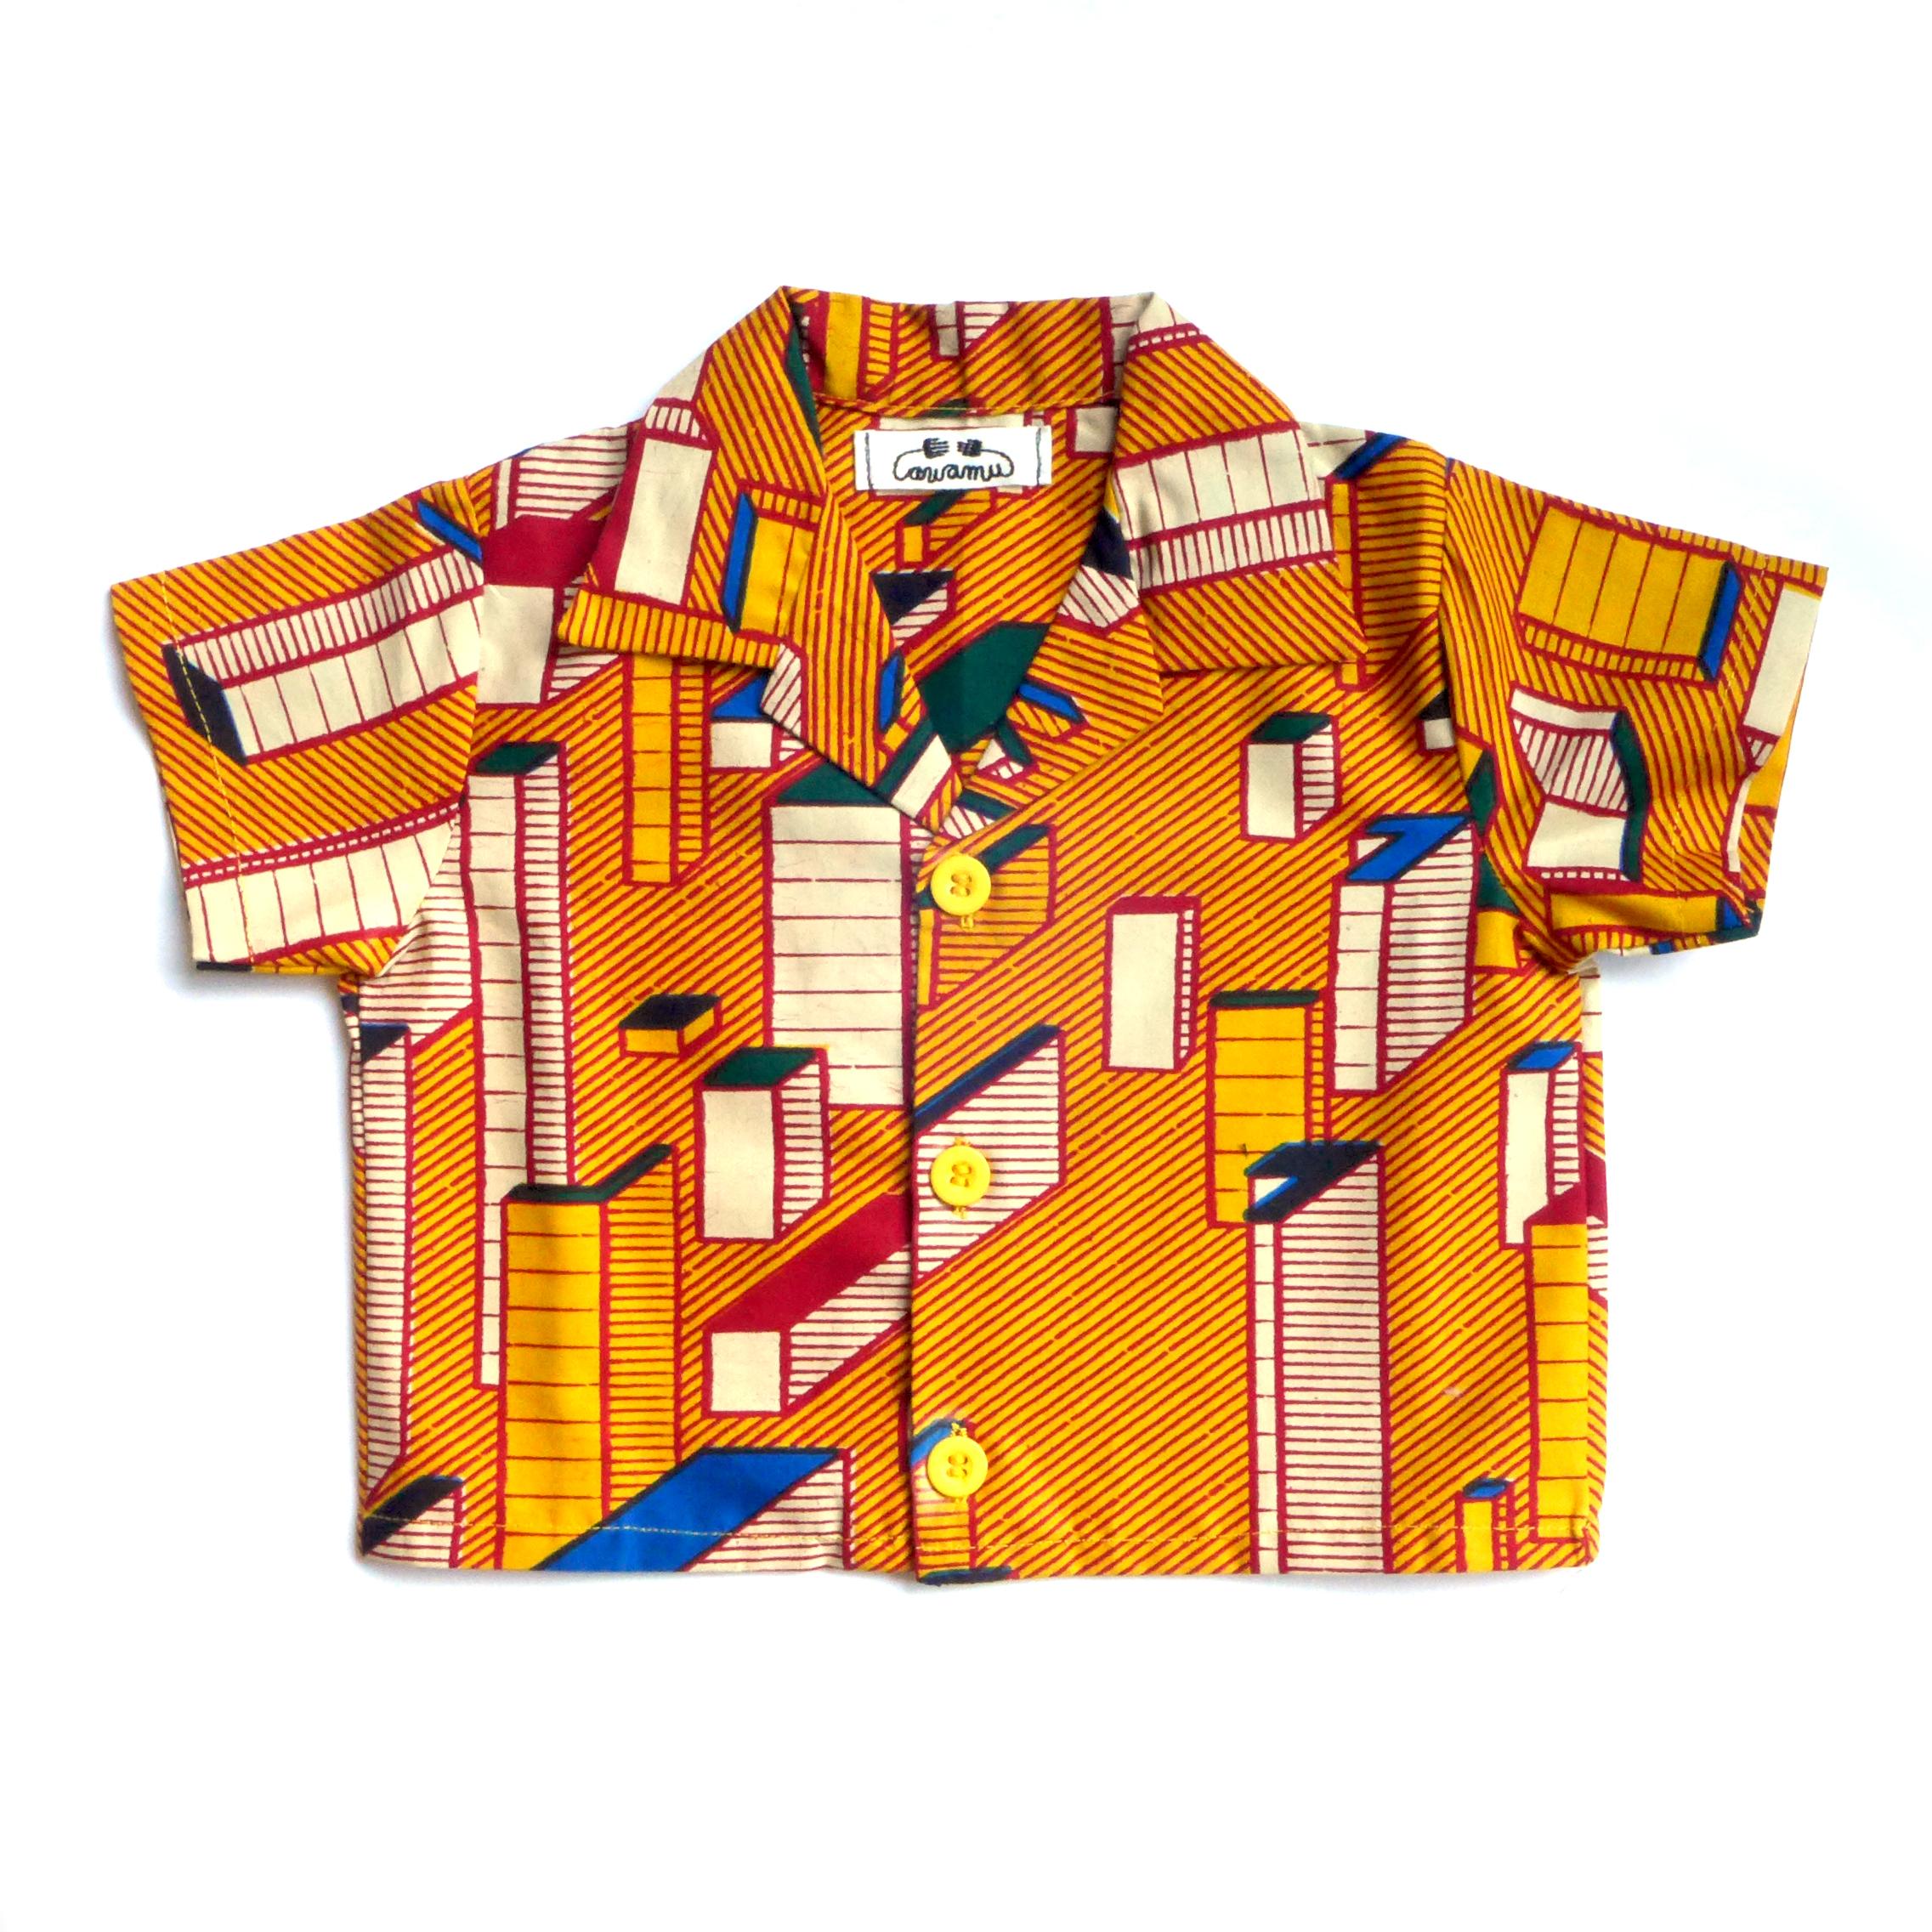 Blocks-shirt-P1020731.jpg